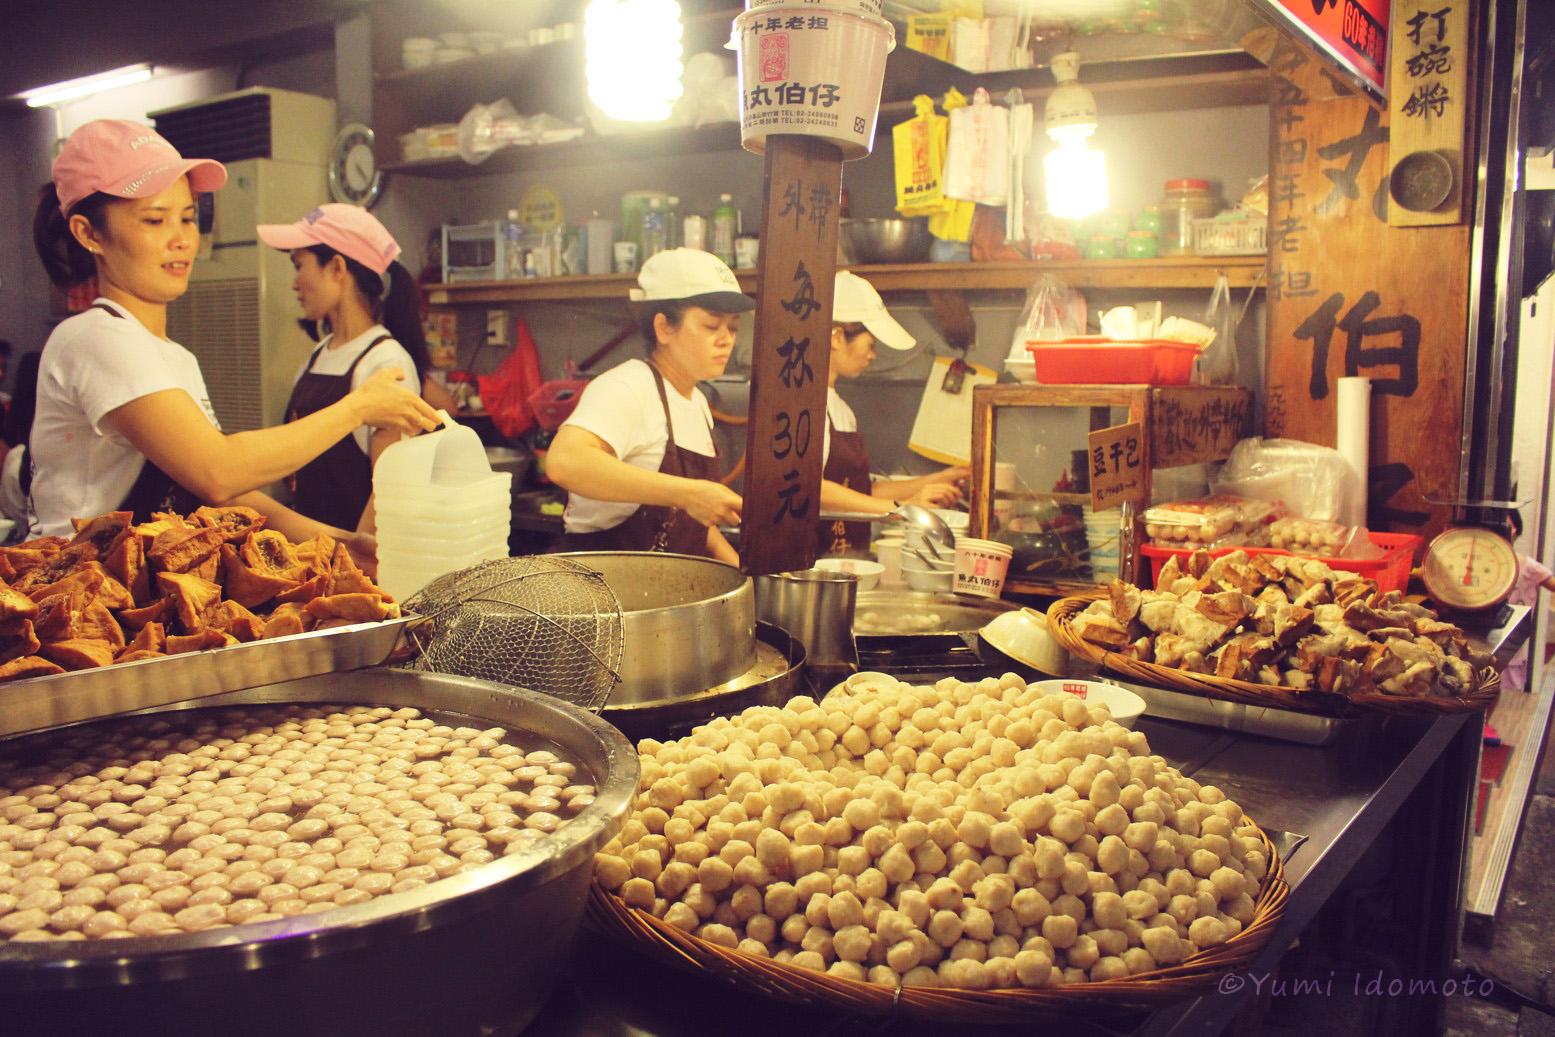 台湾旅行記-九份(きゅうふん・ジウフェン)名物の貢丸(ゴンワン)&魚丸(ユーワン)たくさん売ってる